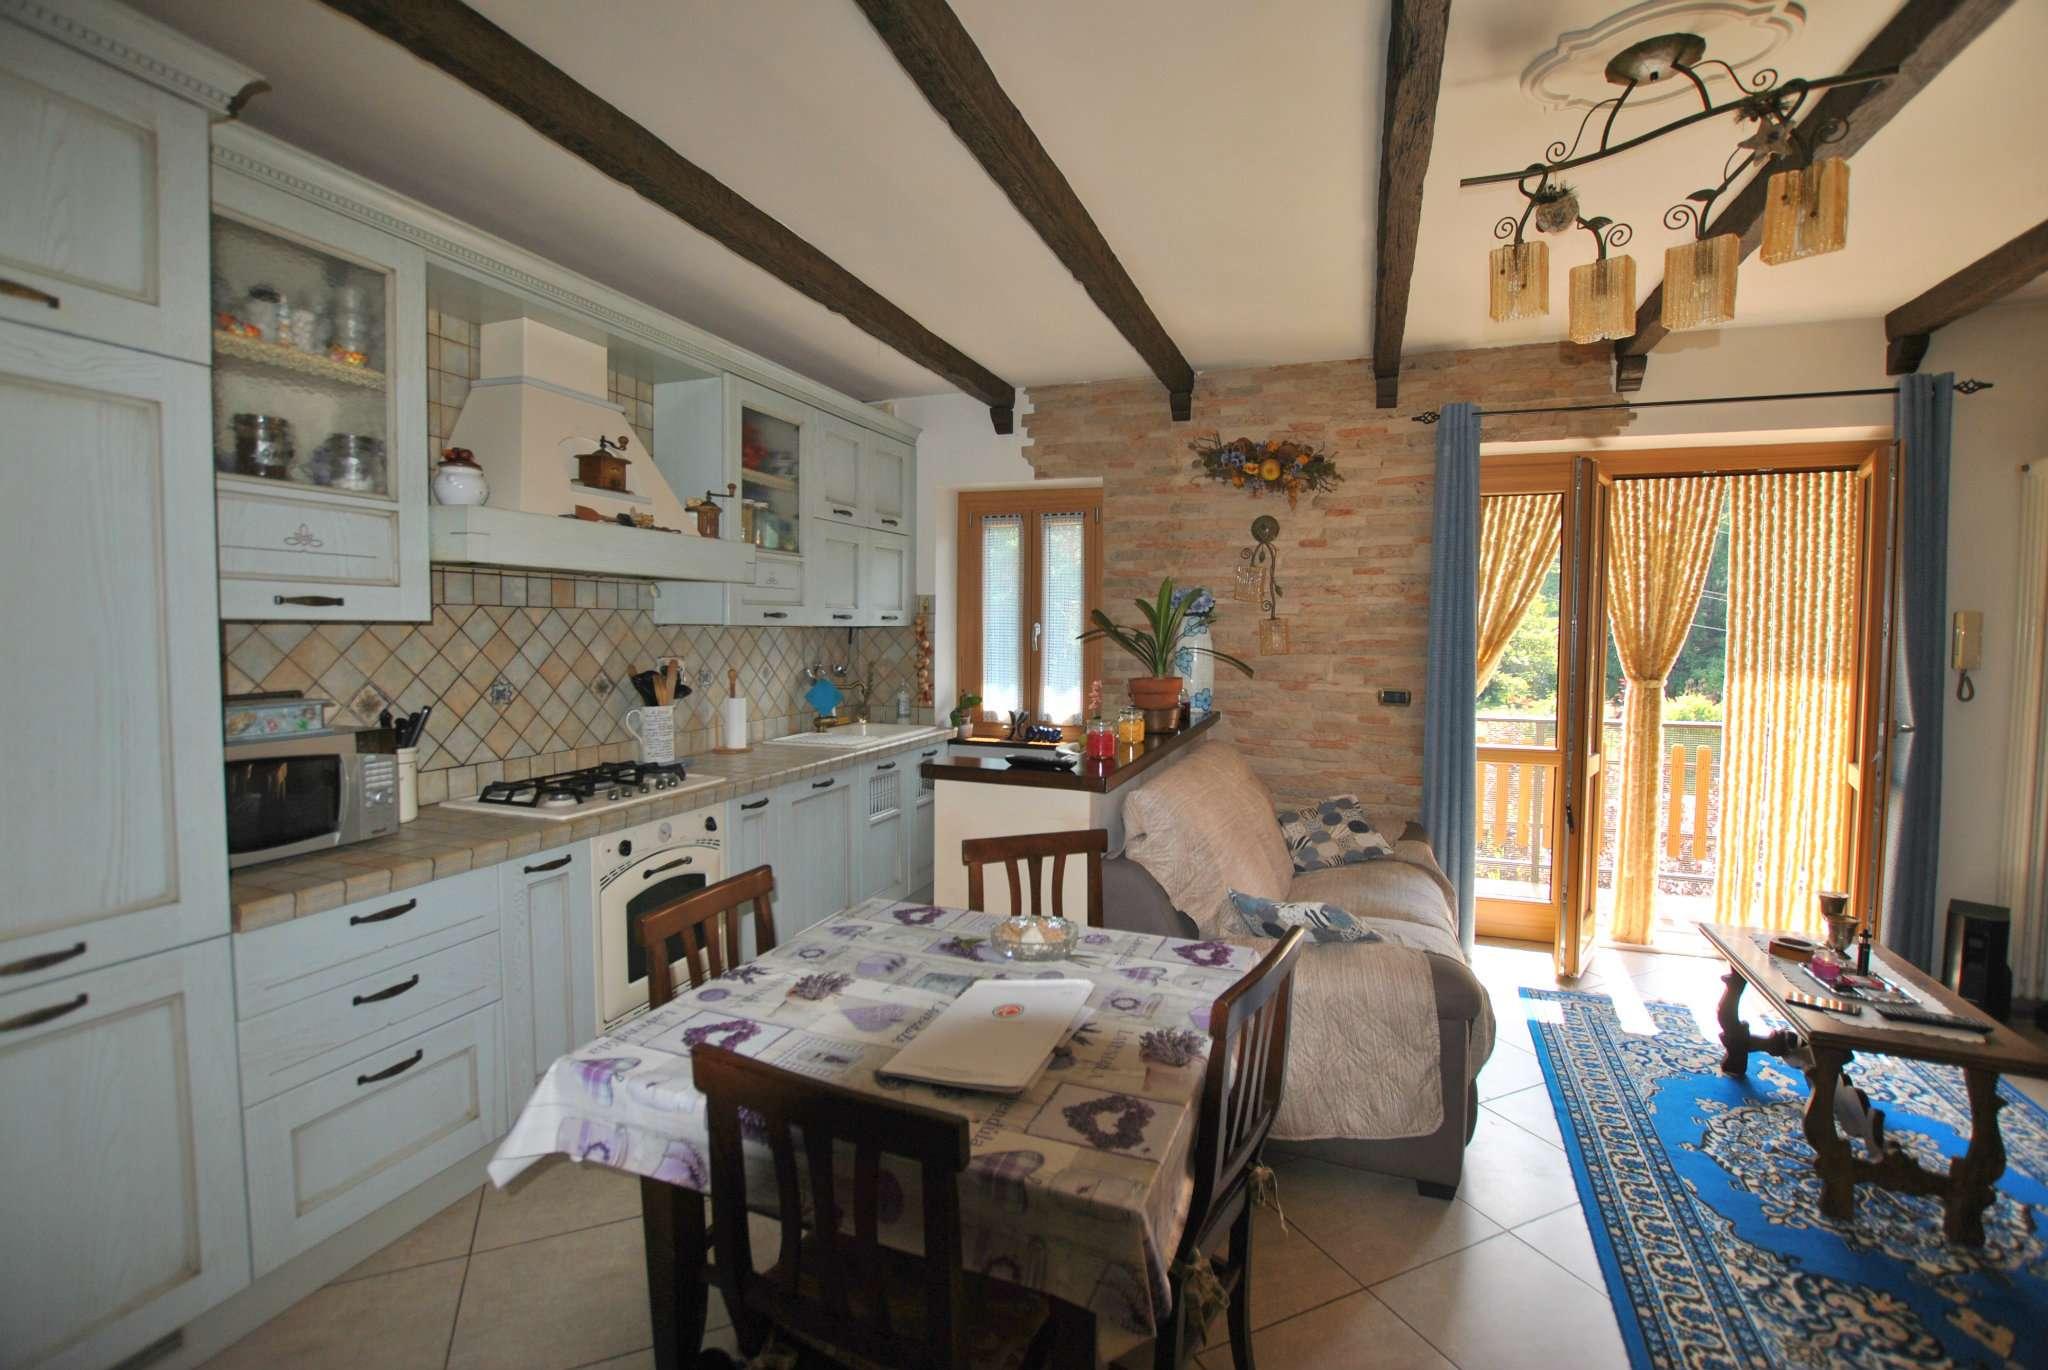 Appartamento in vendita a Meana di Susa, 3 locali, prezzo € 95.000 | PortaleAgenzieImmobiliari.it